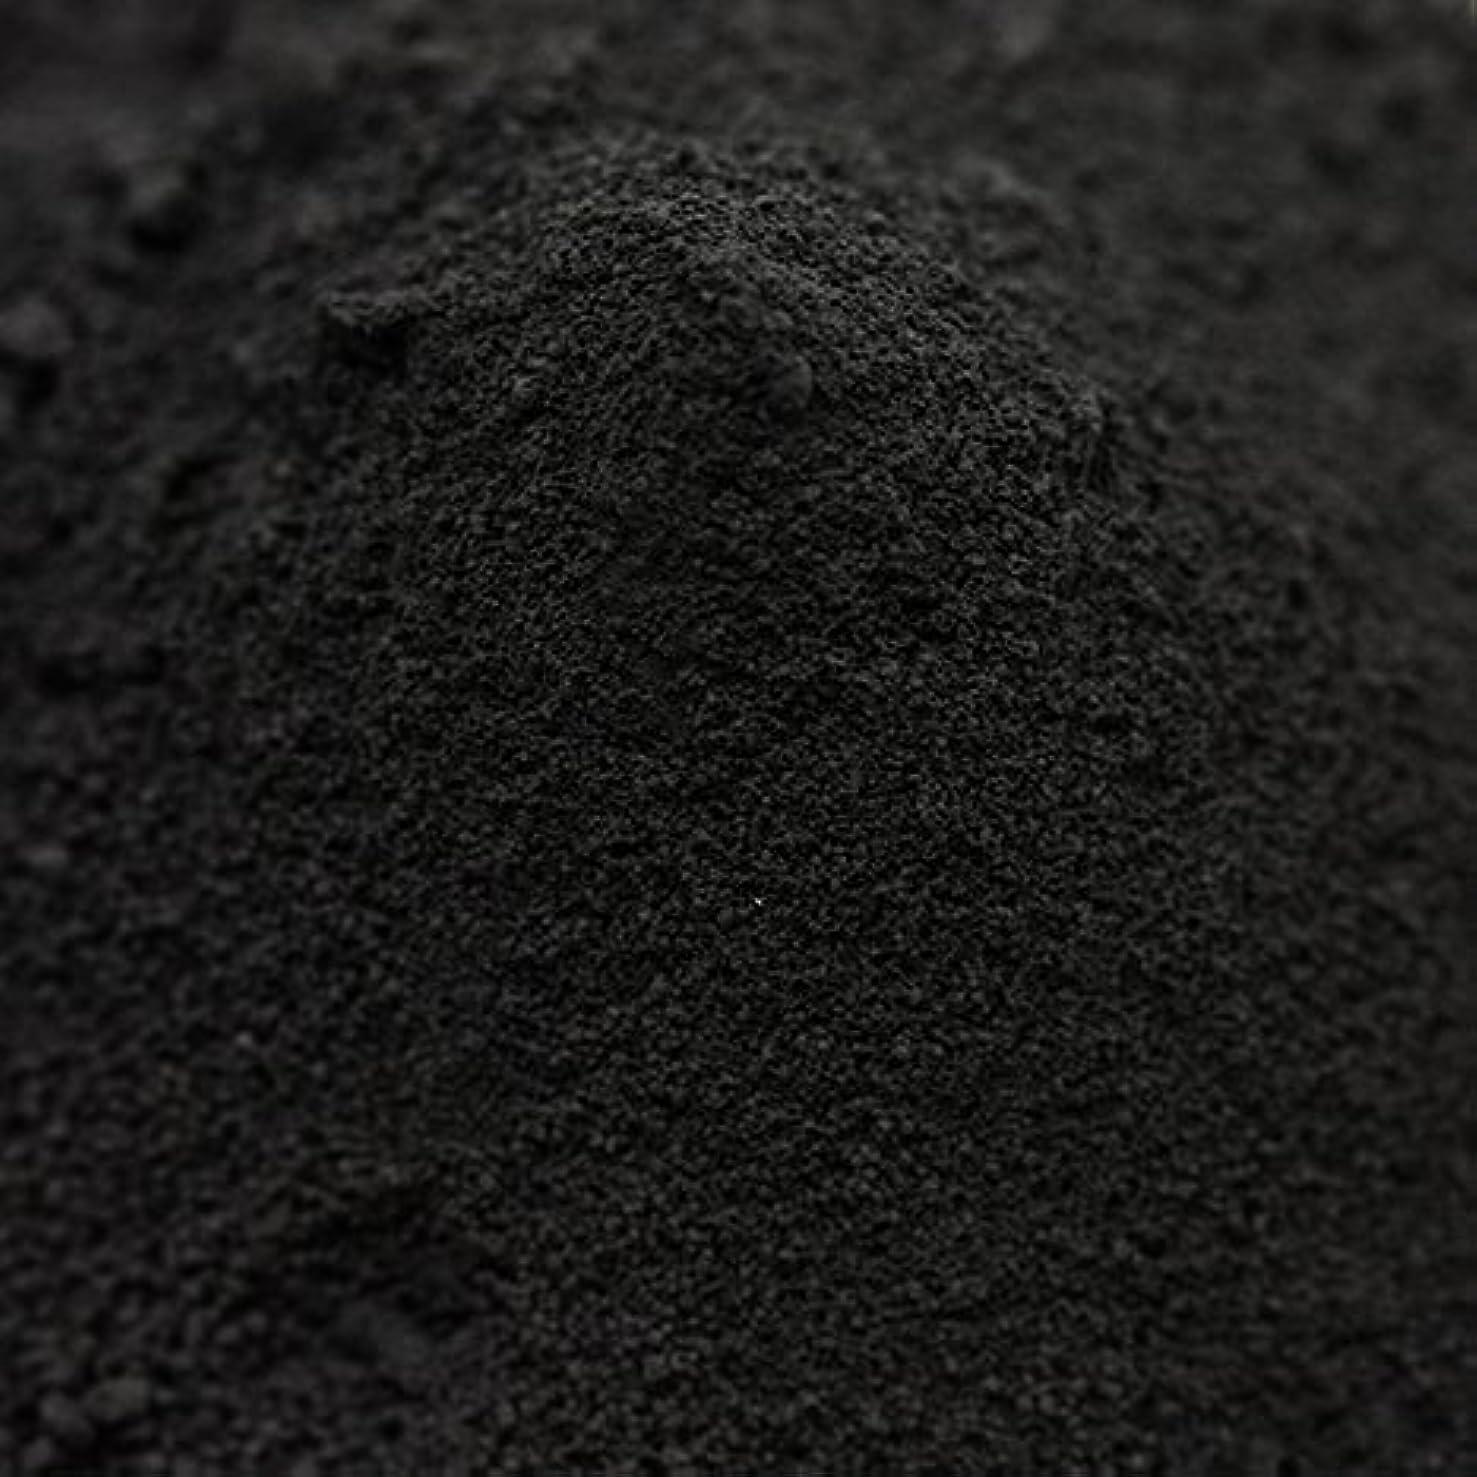 アデレード考古学気づかない竹炭パウダー(超微粉末) 50g 【手作り石鹸/手作りコスメに】